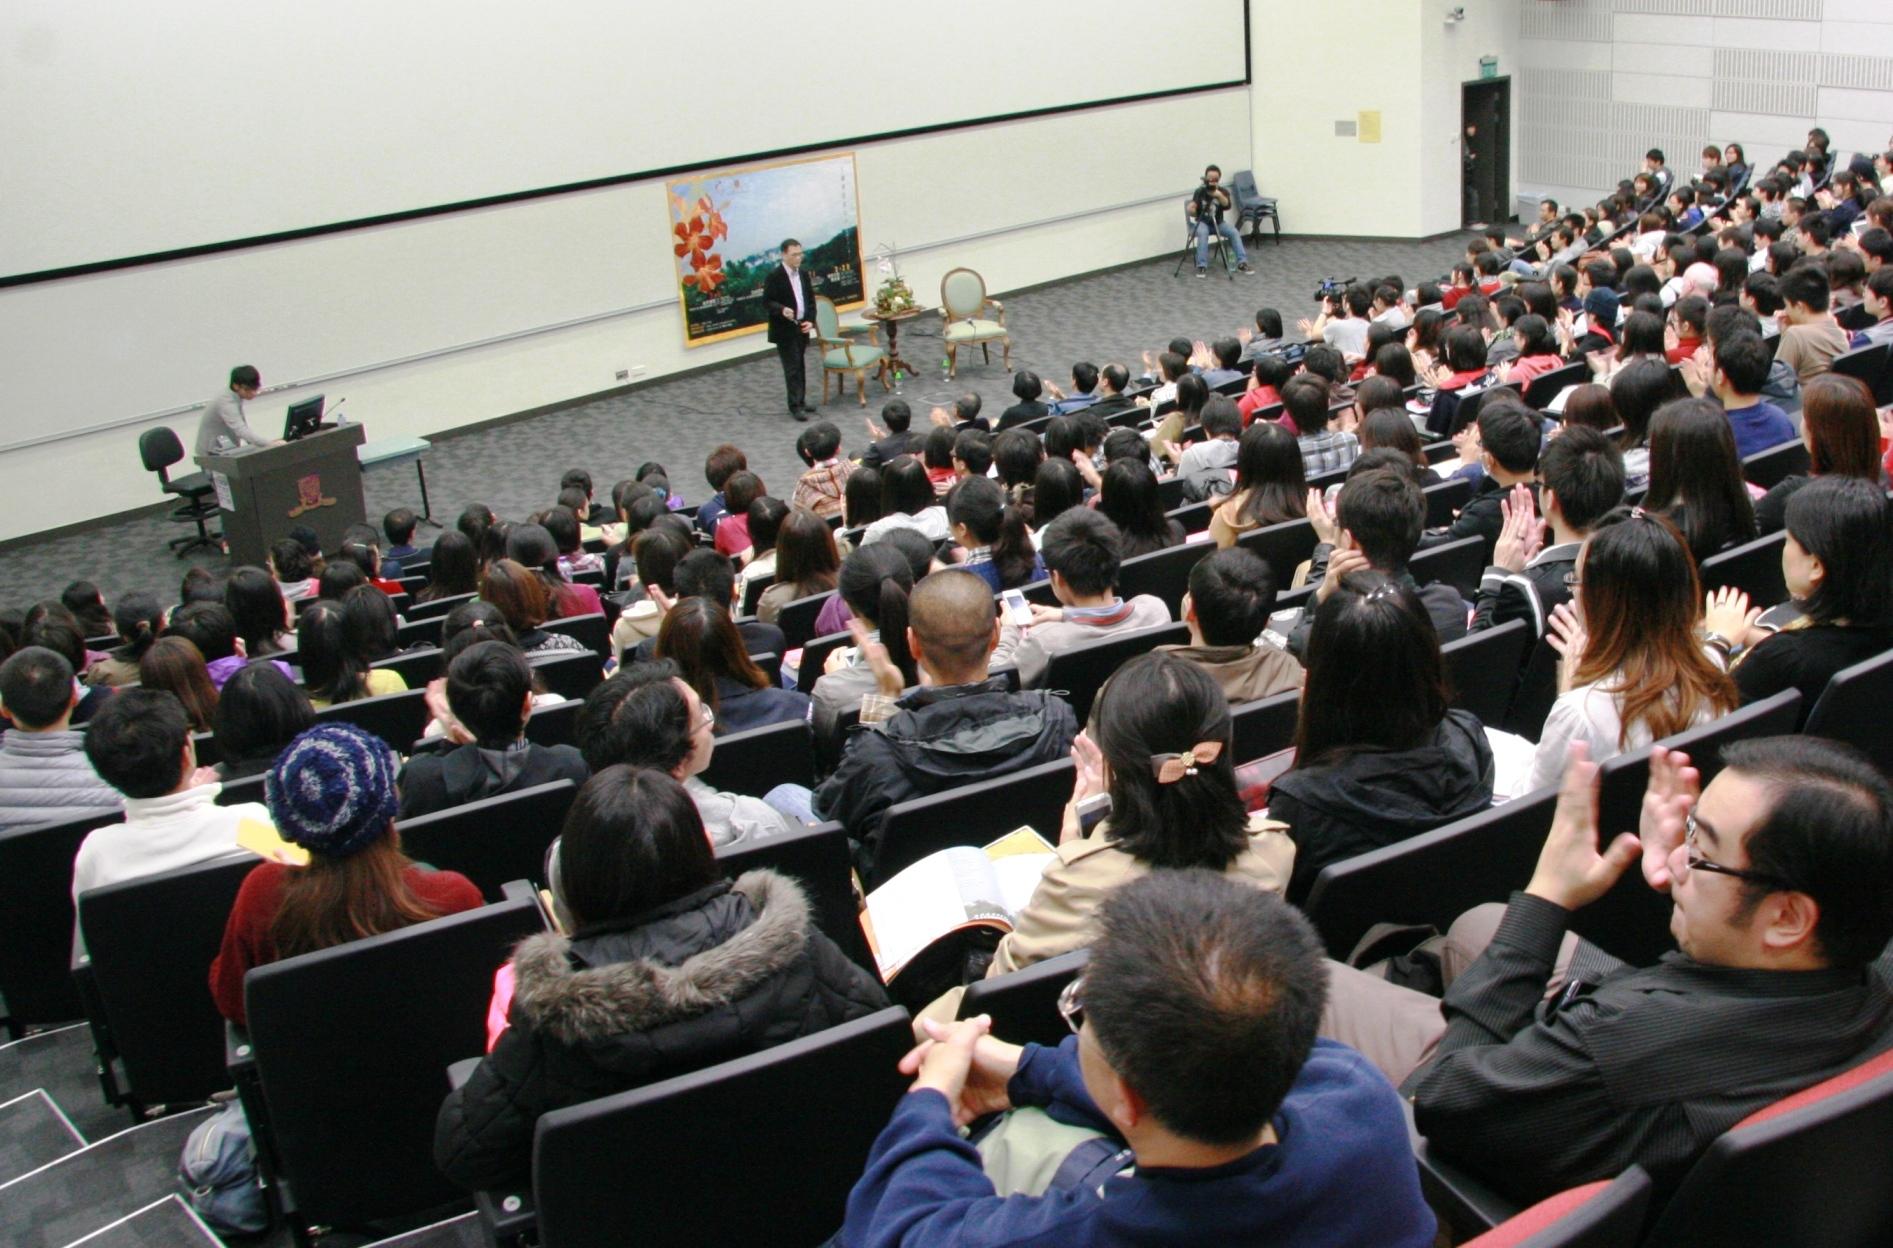 李欧梵教授讲座反应热烈,全场爆满。